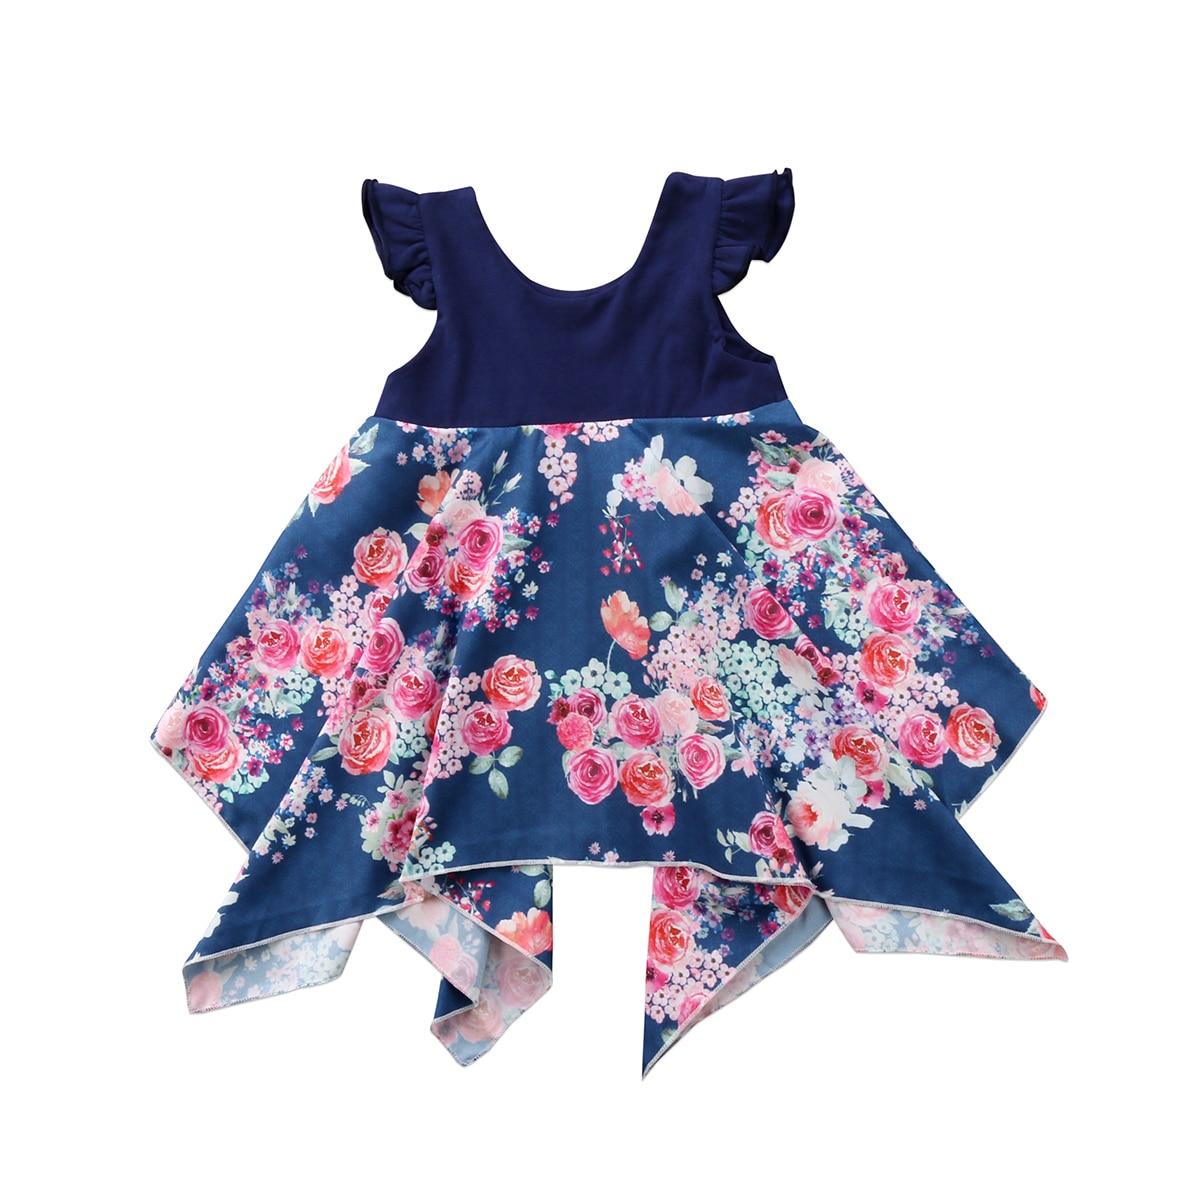 Princess, Girls, Infant, Sleeveless, Summer, Dress